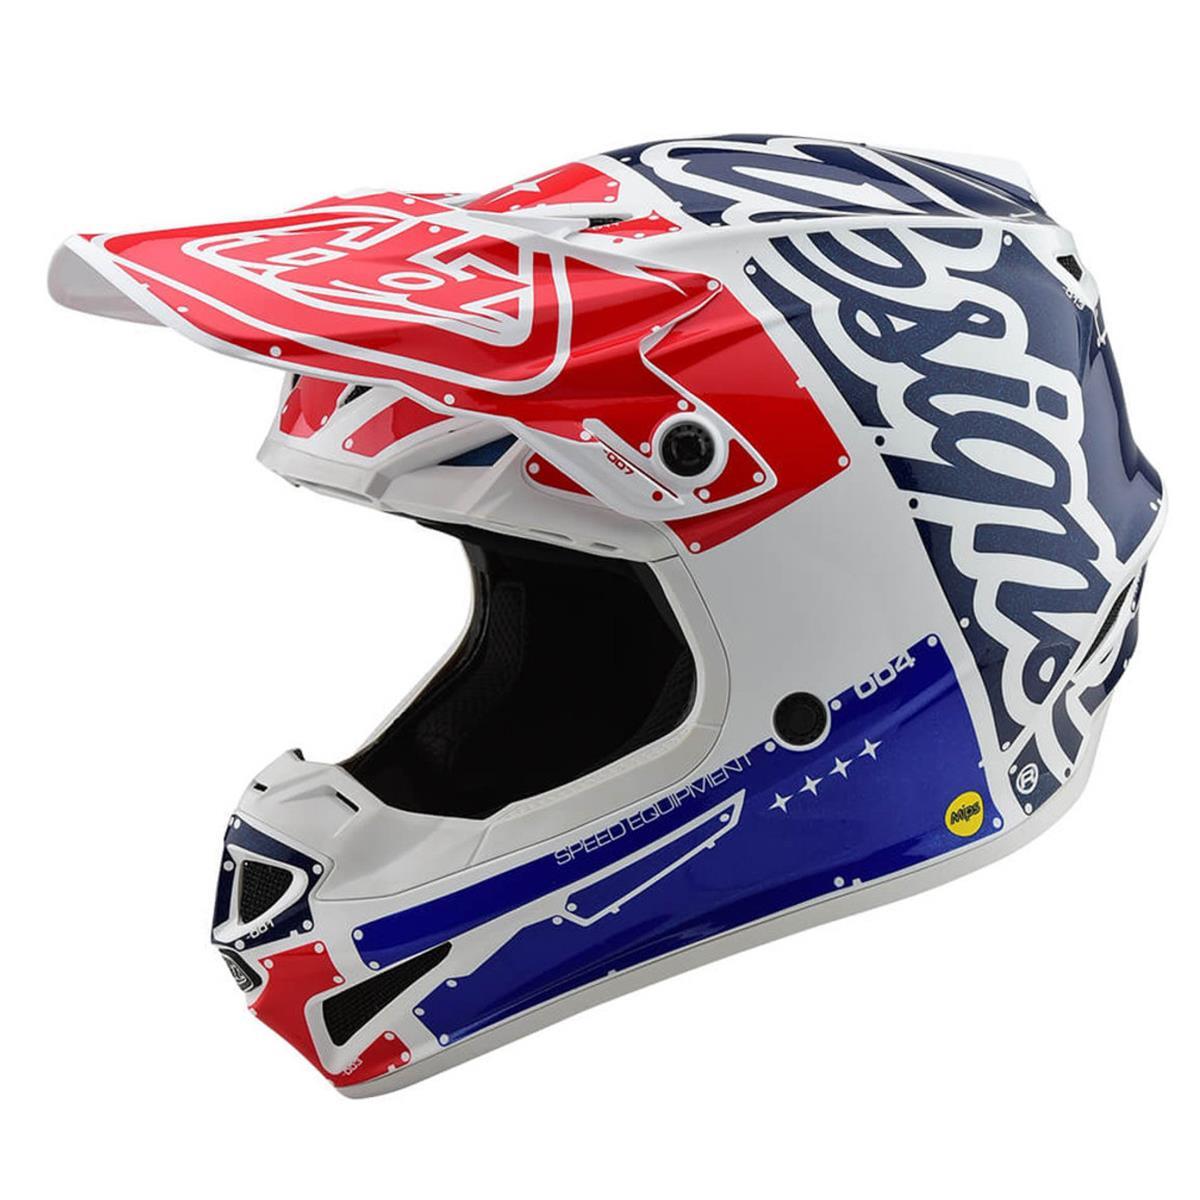 Troy Lee Designs Kids Helm SE4 Polyacrylite MIPS Factoy - Weiß/Blau